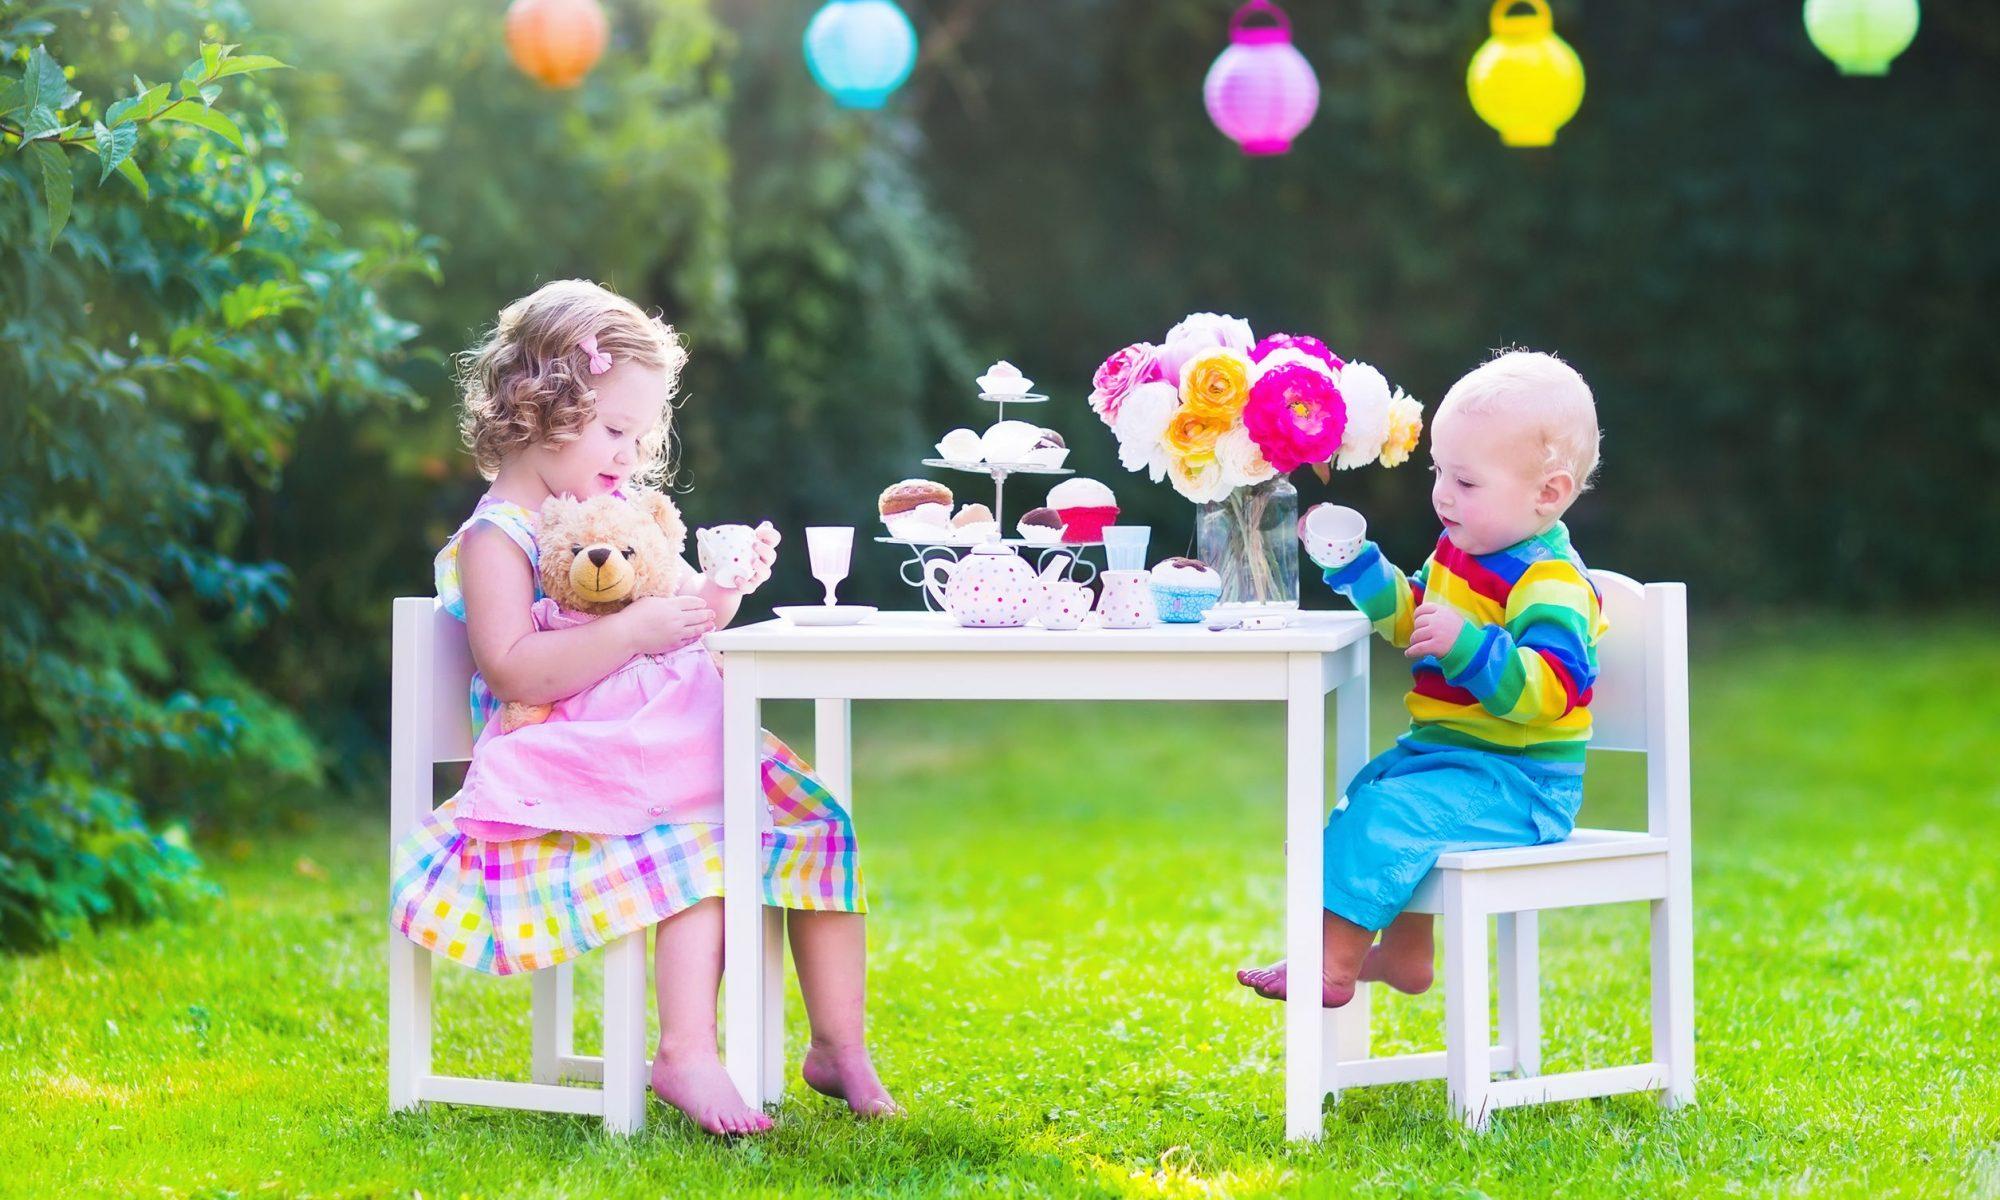 Десерты, которые понравятся детям: рецепты от Шефмаркет